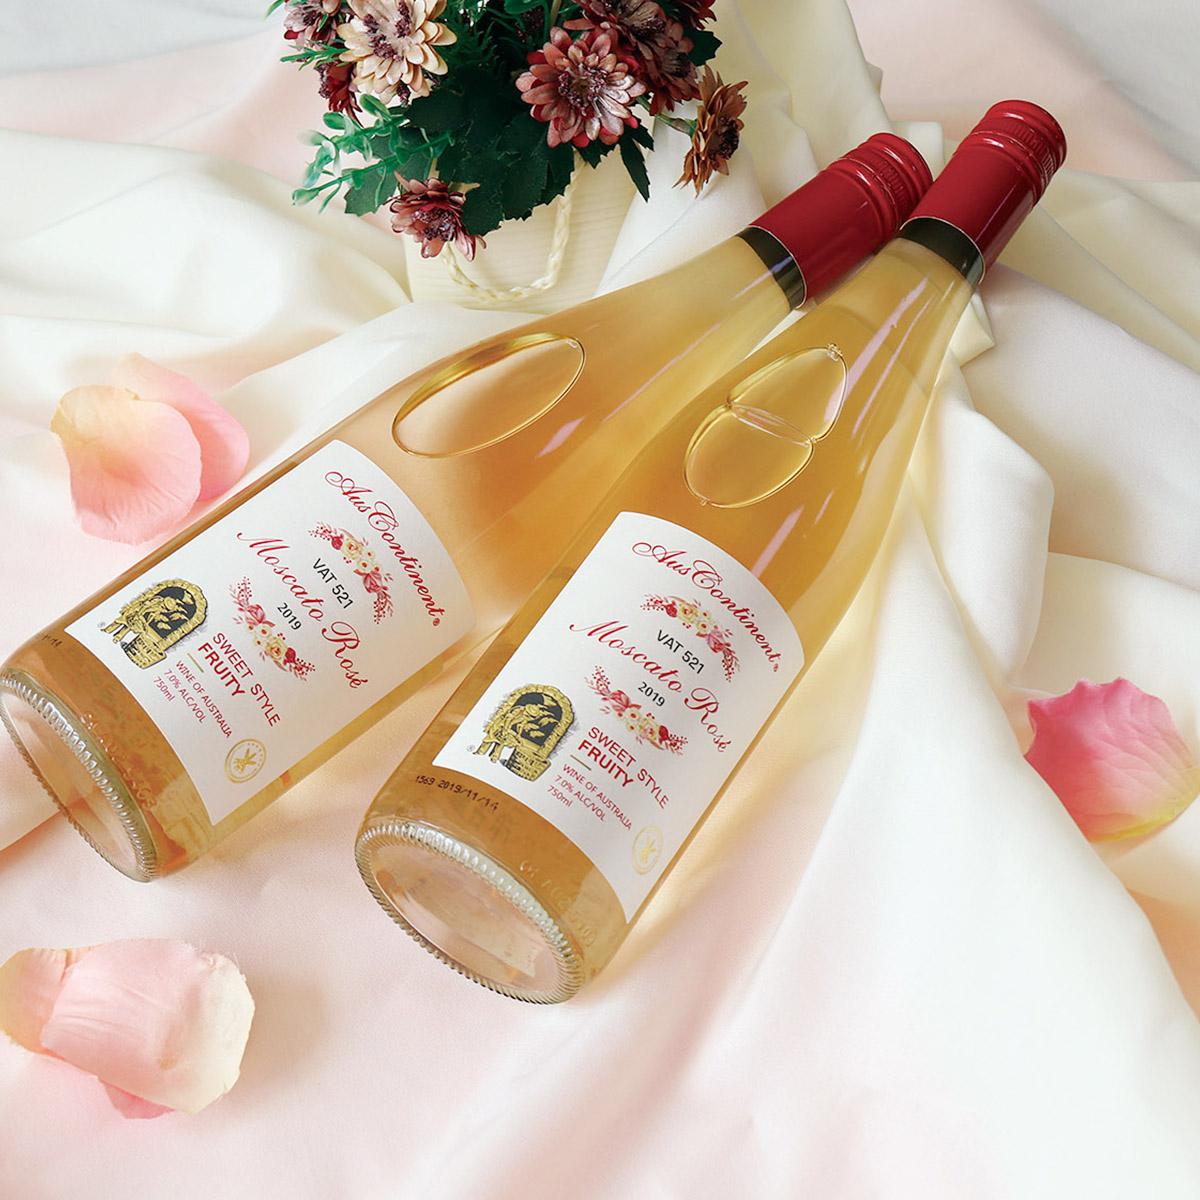 澳大利亞南澳產區澳洲大陸酒莊麝香VAT521 莫斯卡特粉紅微起泡酒